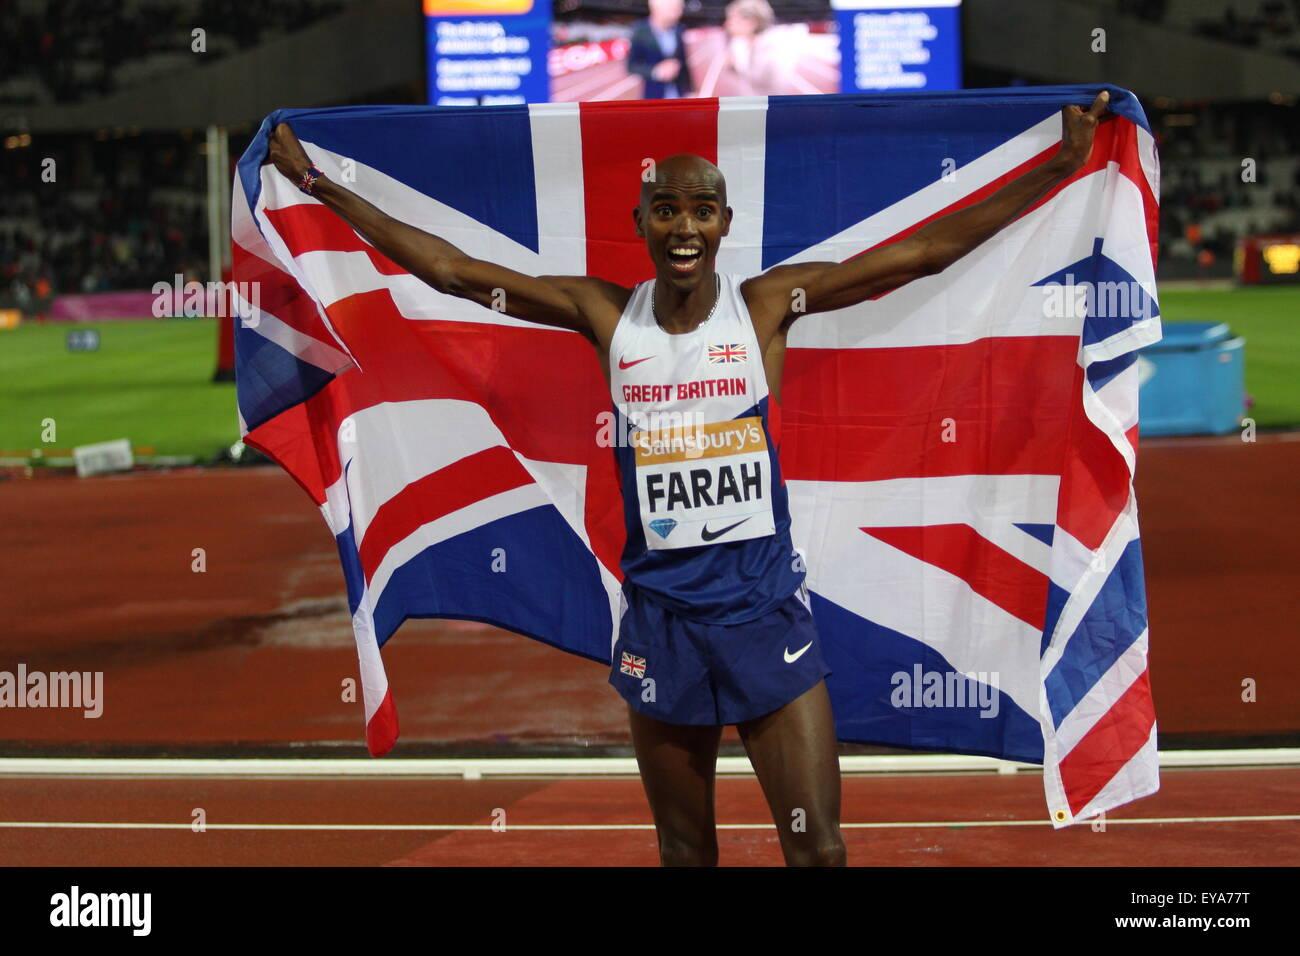 Londres, Royaume-Uni. 24 juillet, 2015. Mo Farah célébrer son 3000m victoire pendant le Sainsbury's Photo Stock